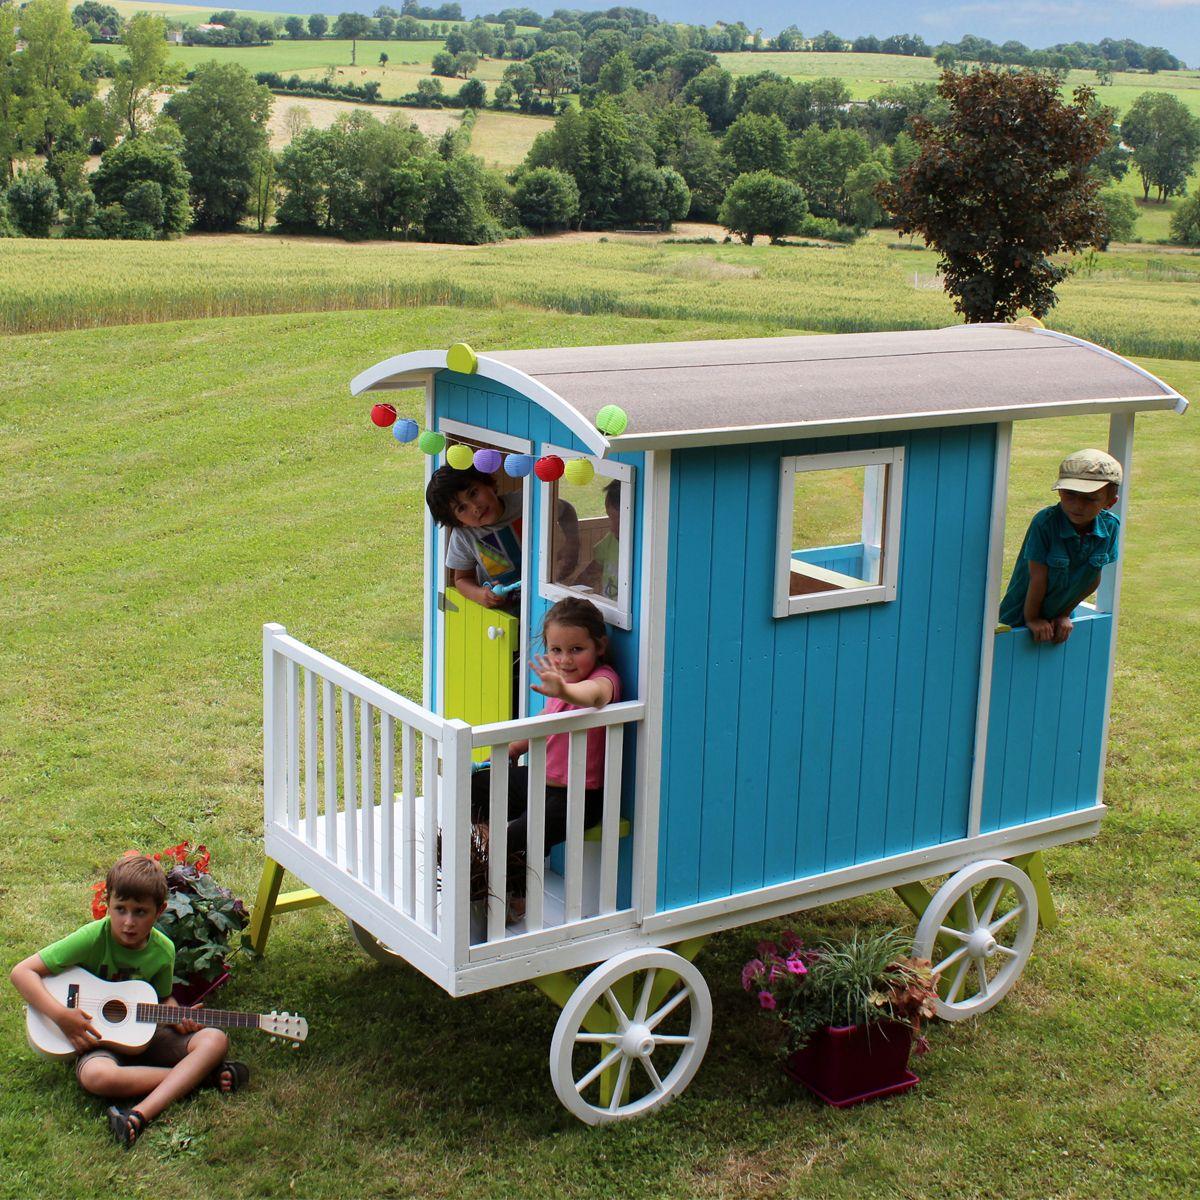 cabane en bois pour enfant roulotte carry roulotte enfant jardin pour enfants cabane bois enfant